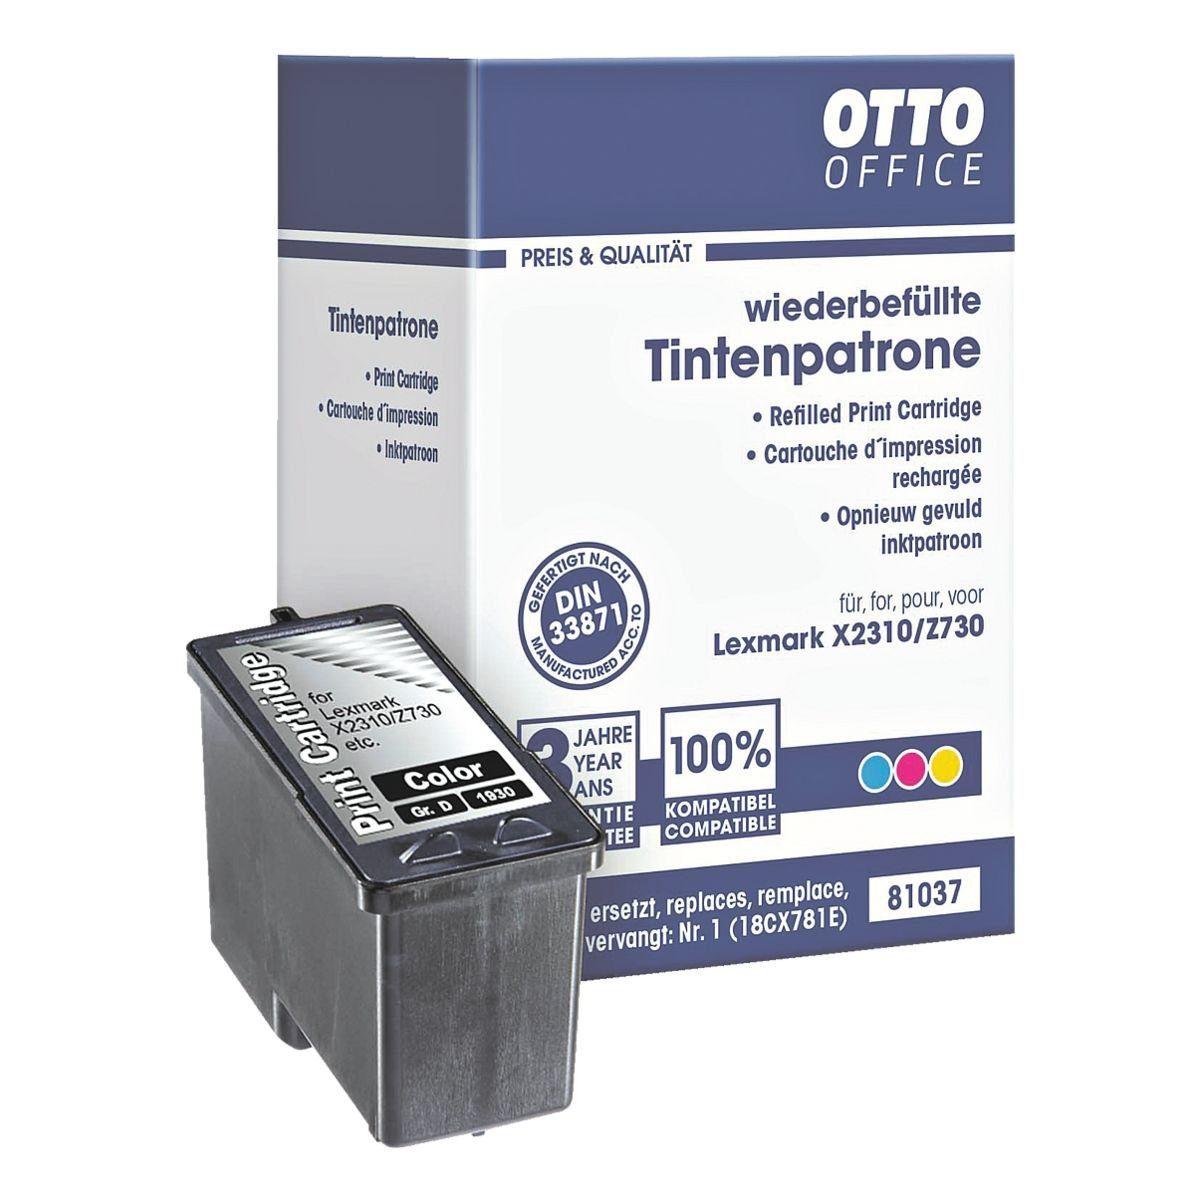 OTTO Office Tintenpatrone ersetzt Lexmark »018CX781E« Nr. 1